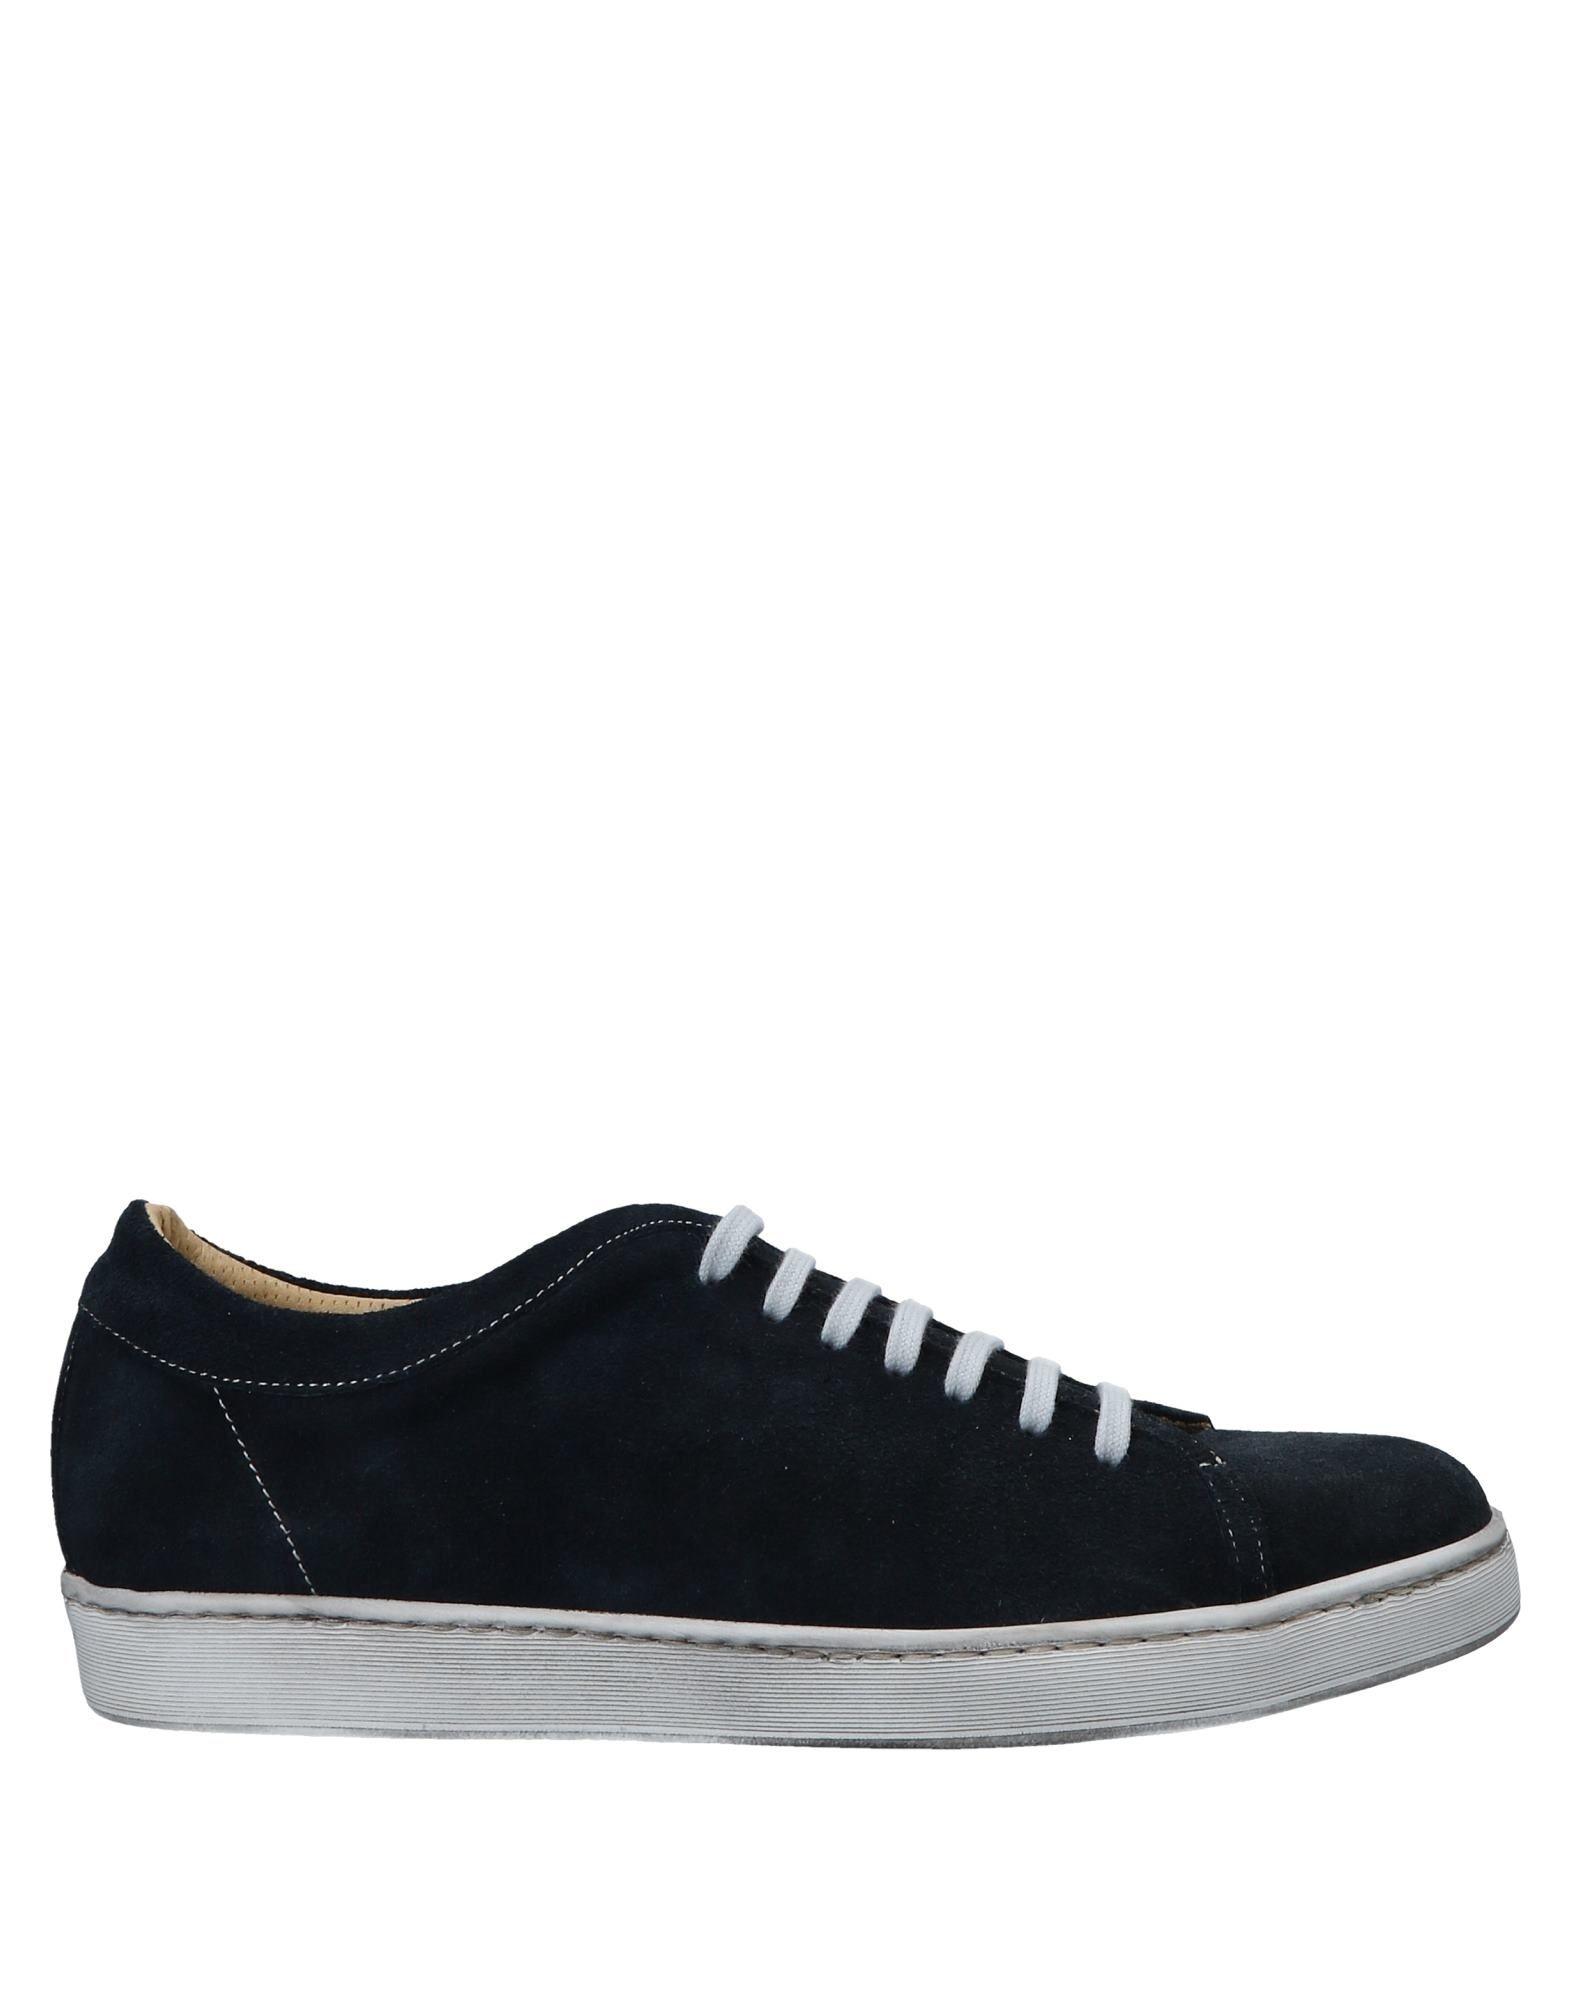 Scarpe economiche e resistenti Sneakers Calpierre Uomo - 11551949UR